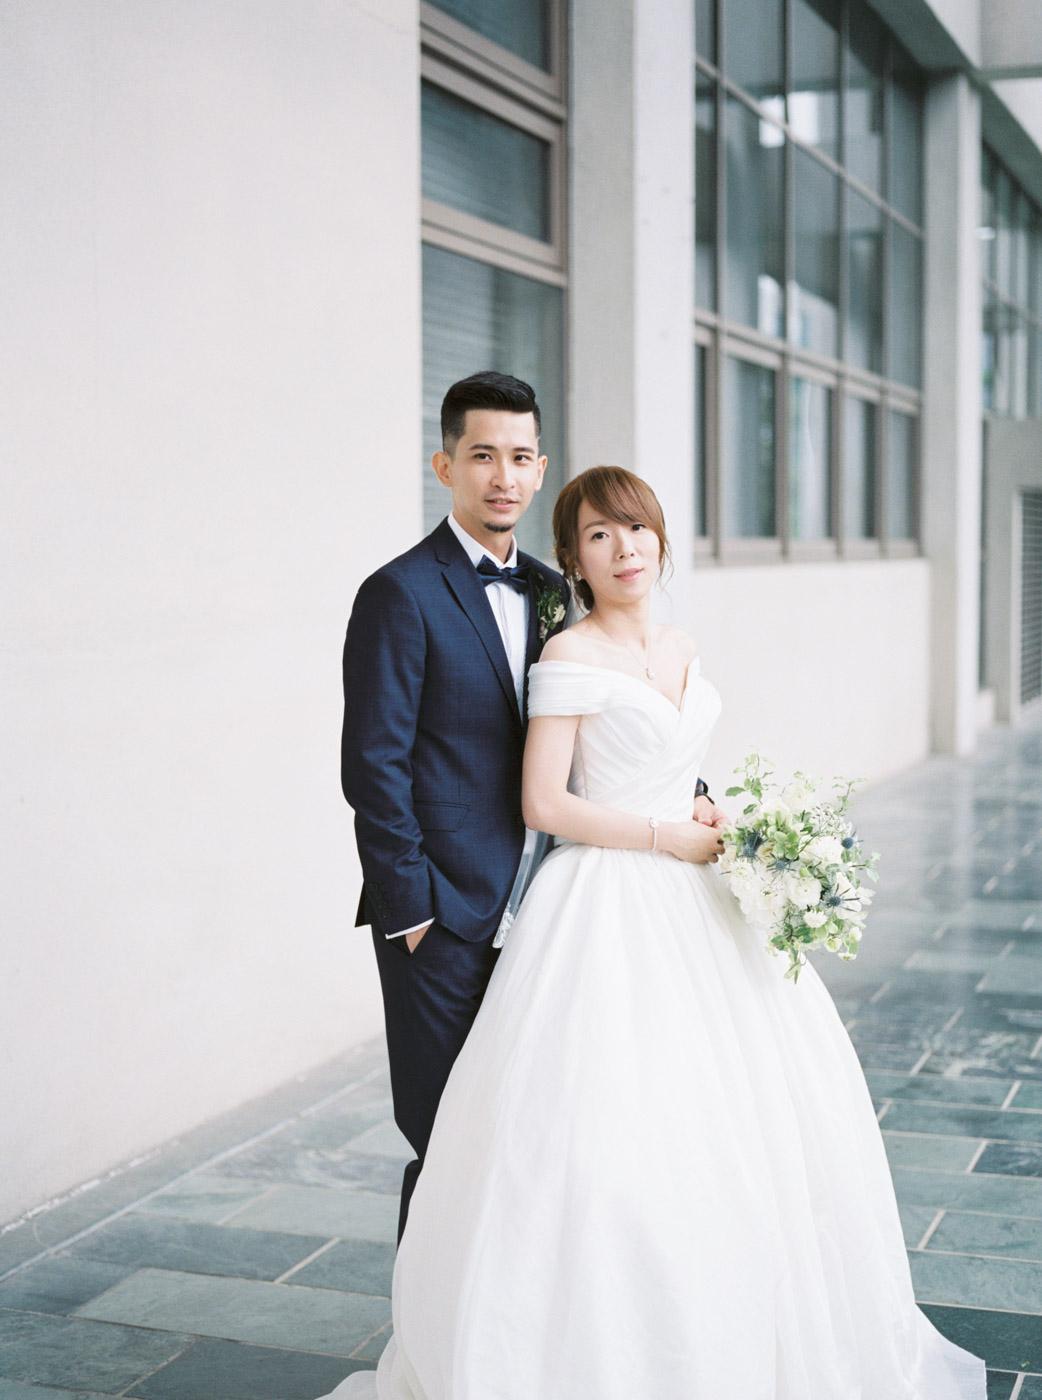 美式婚禮 教會婚禮 寒軒飯店 台北婚攝 fine art wedding wedding photography